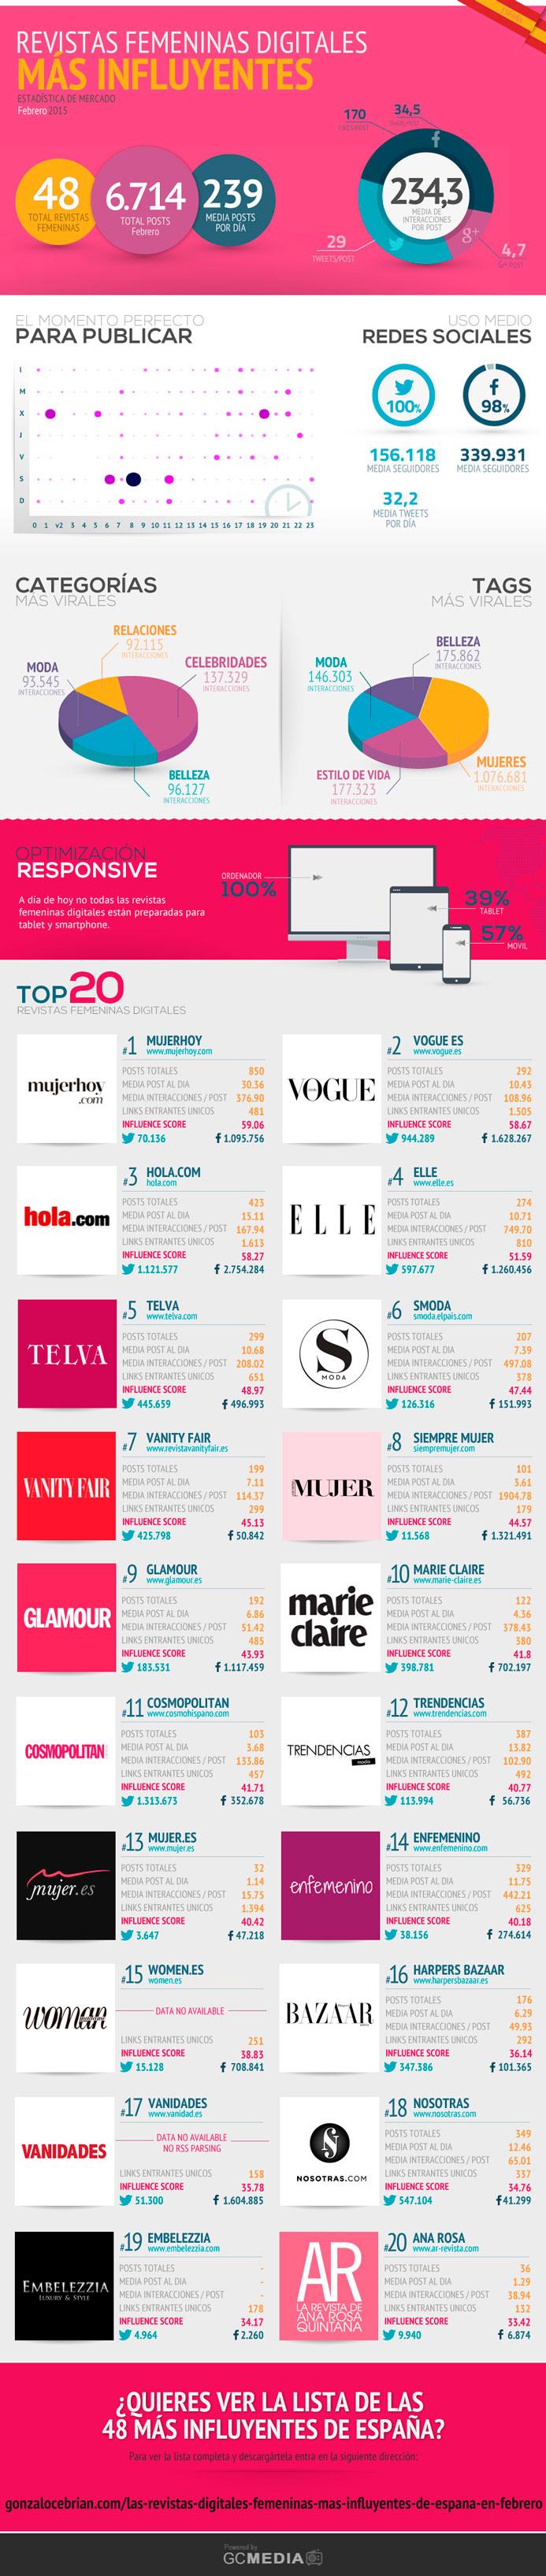 revistas-digitales-más-influyentes-España-Feb